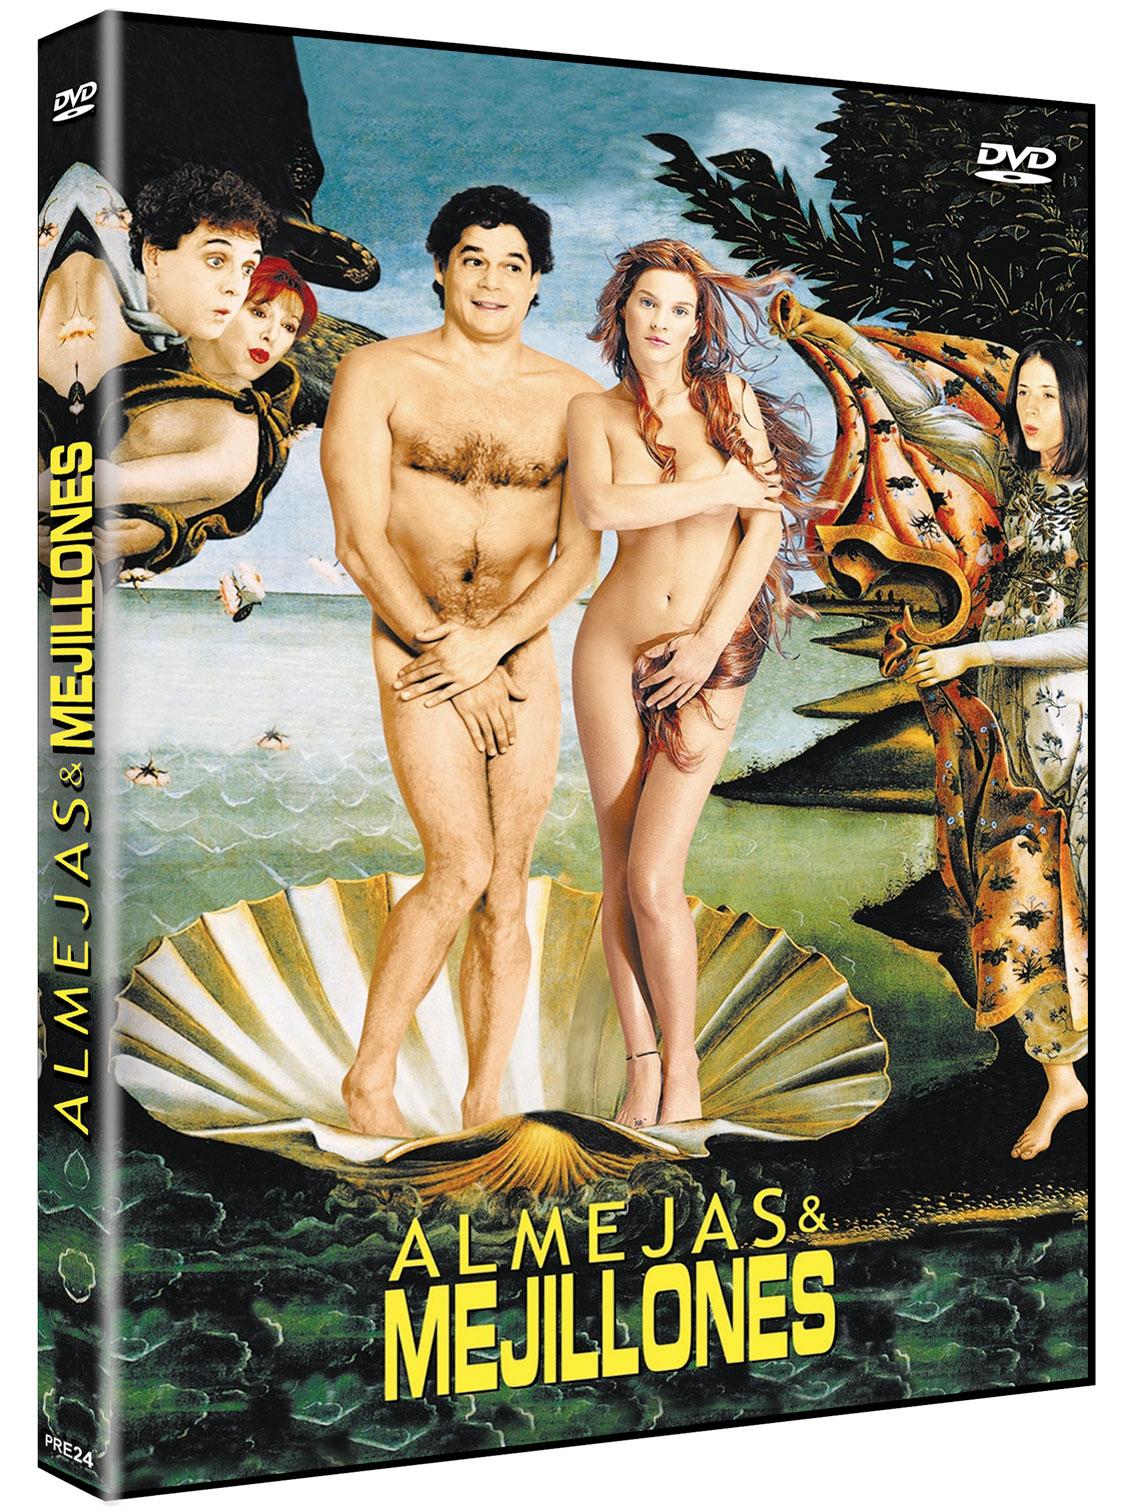 ALMEJAS_Y_MEJILLONES_troquel-DVD-3D_BAJA